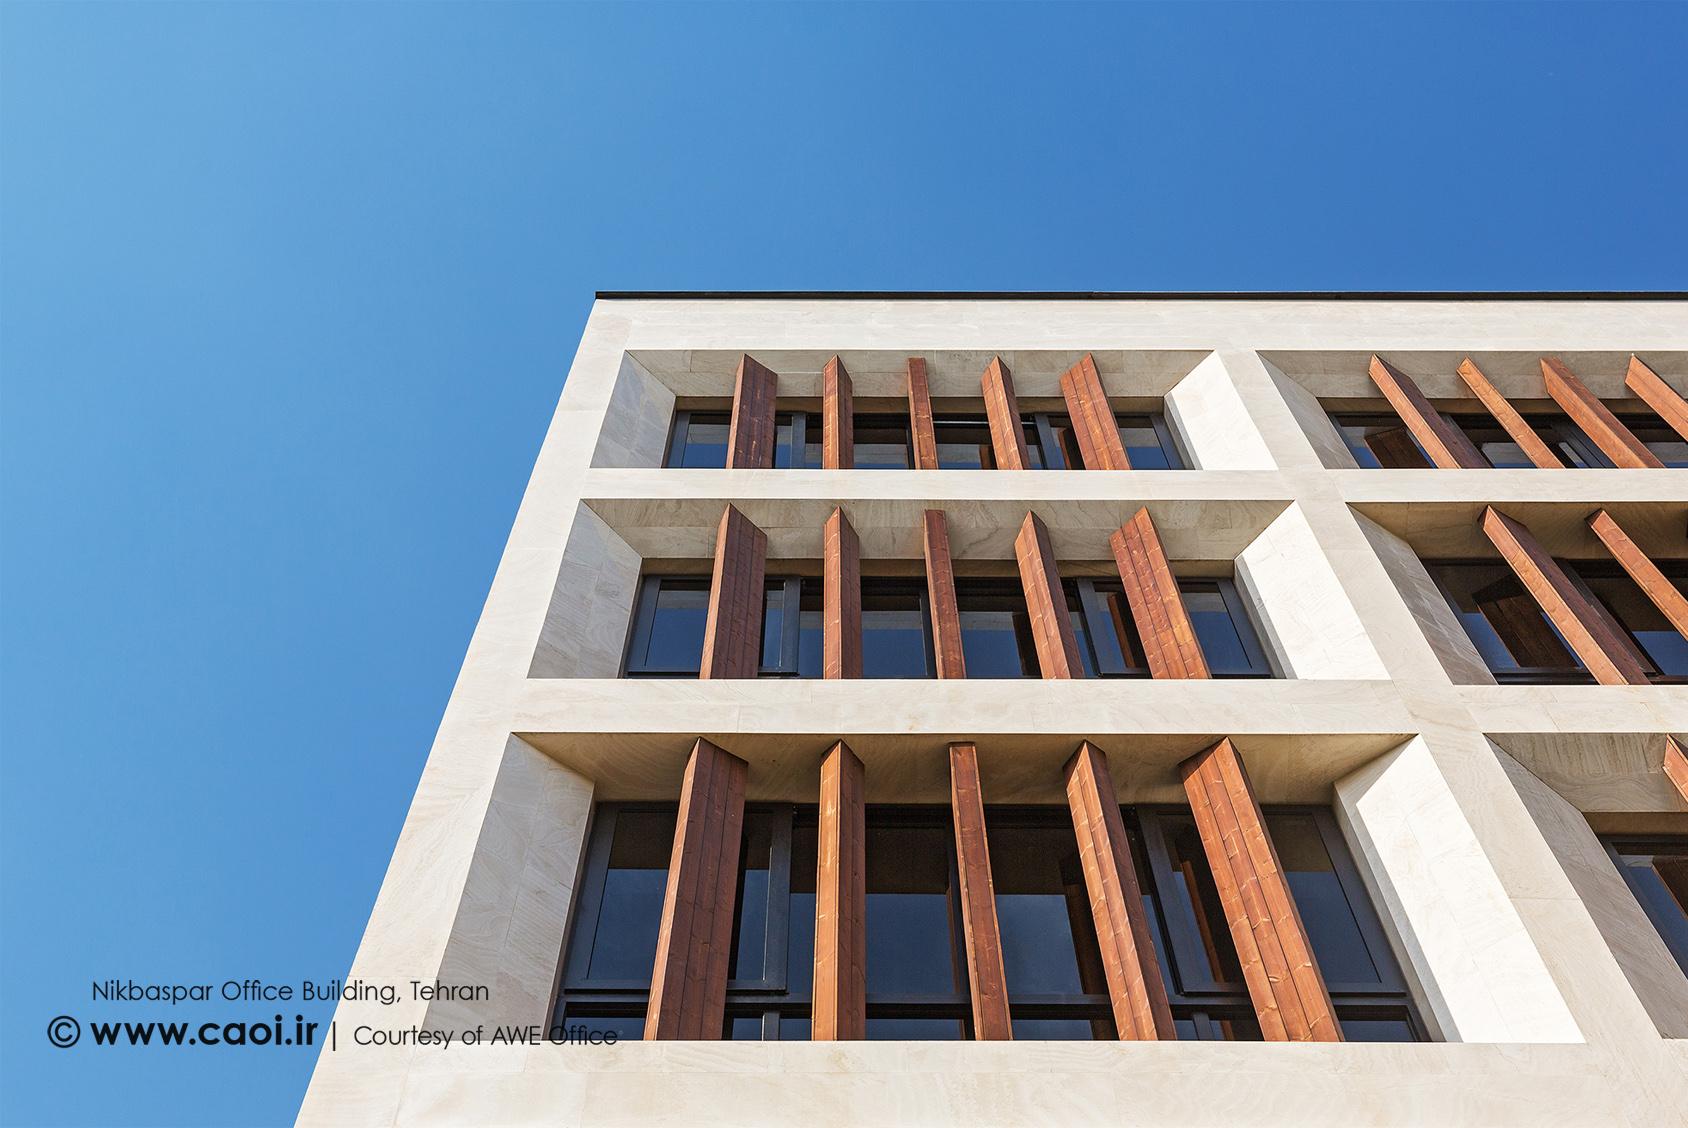 نمای ساختمان اداری,برش ساختمان اداری,پلان ساختمان اداری,نقشه ساختمان اداری,نقشه معماری ساختمان اداری